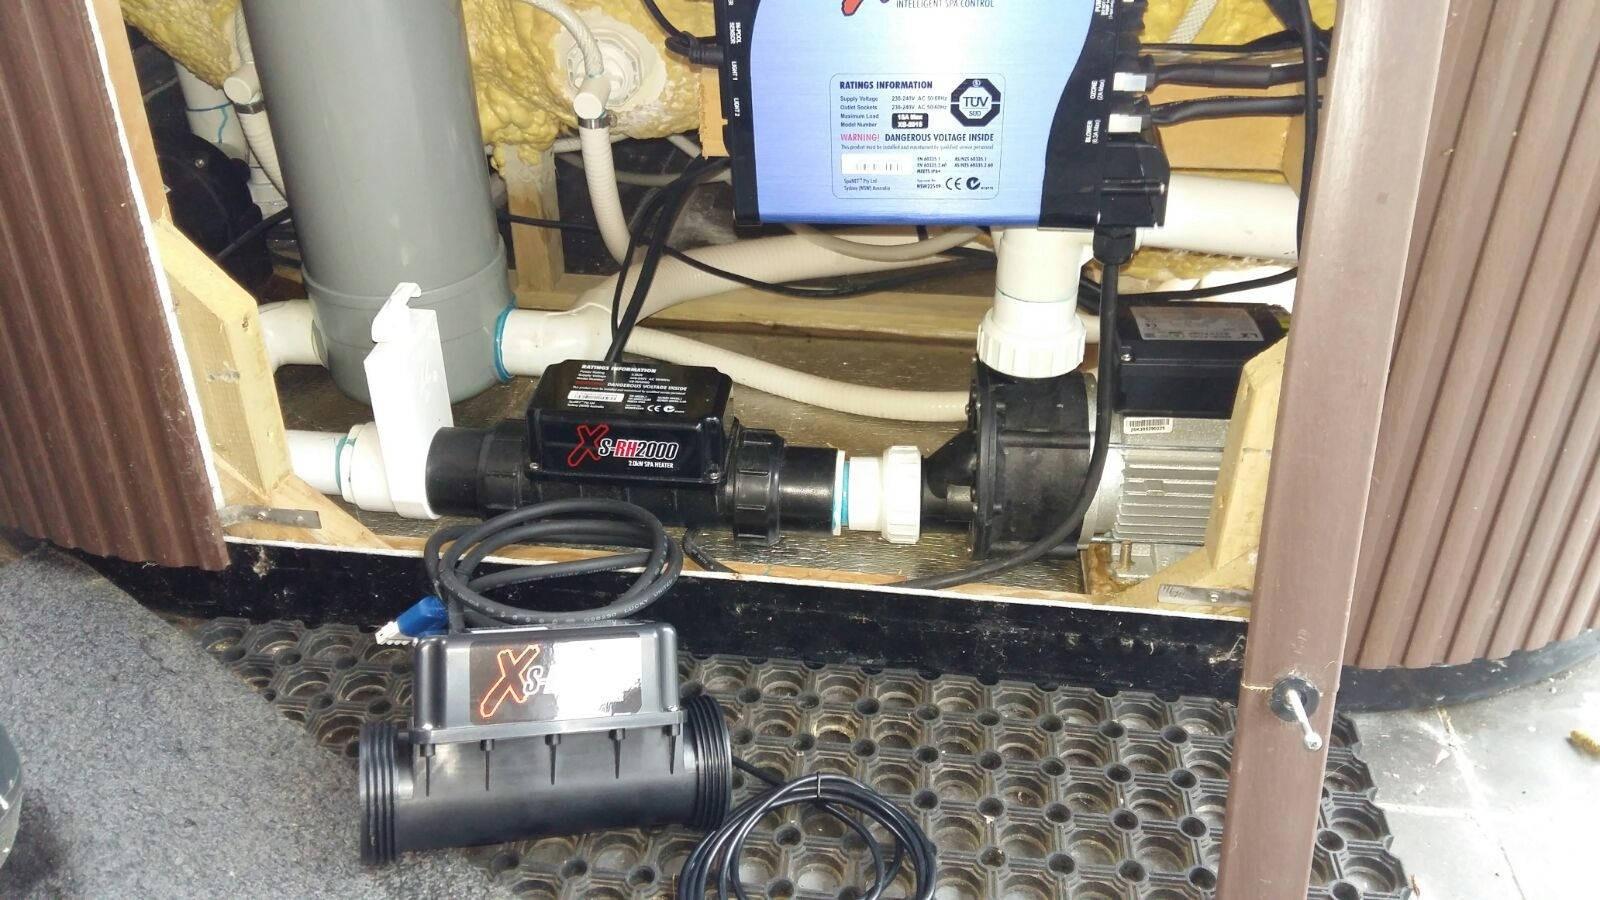 Reparatie verwarming en ozonator vervangen in een spa in Drimmelen